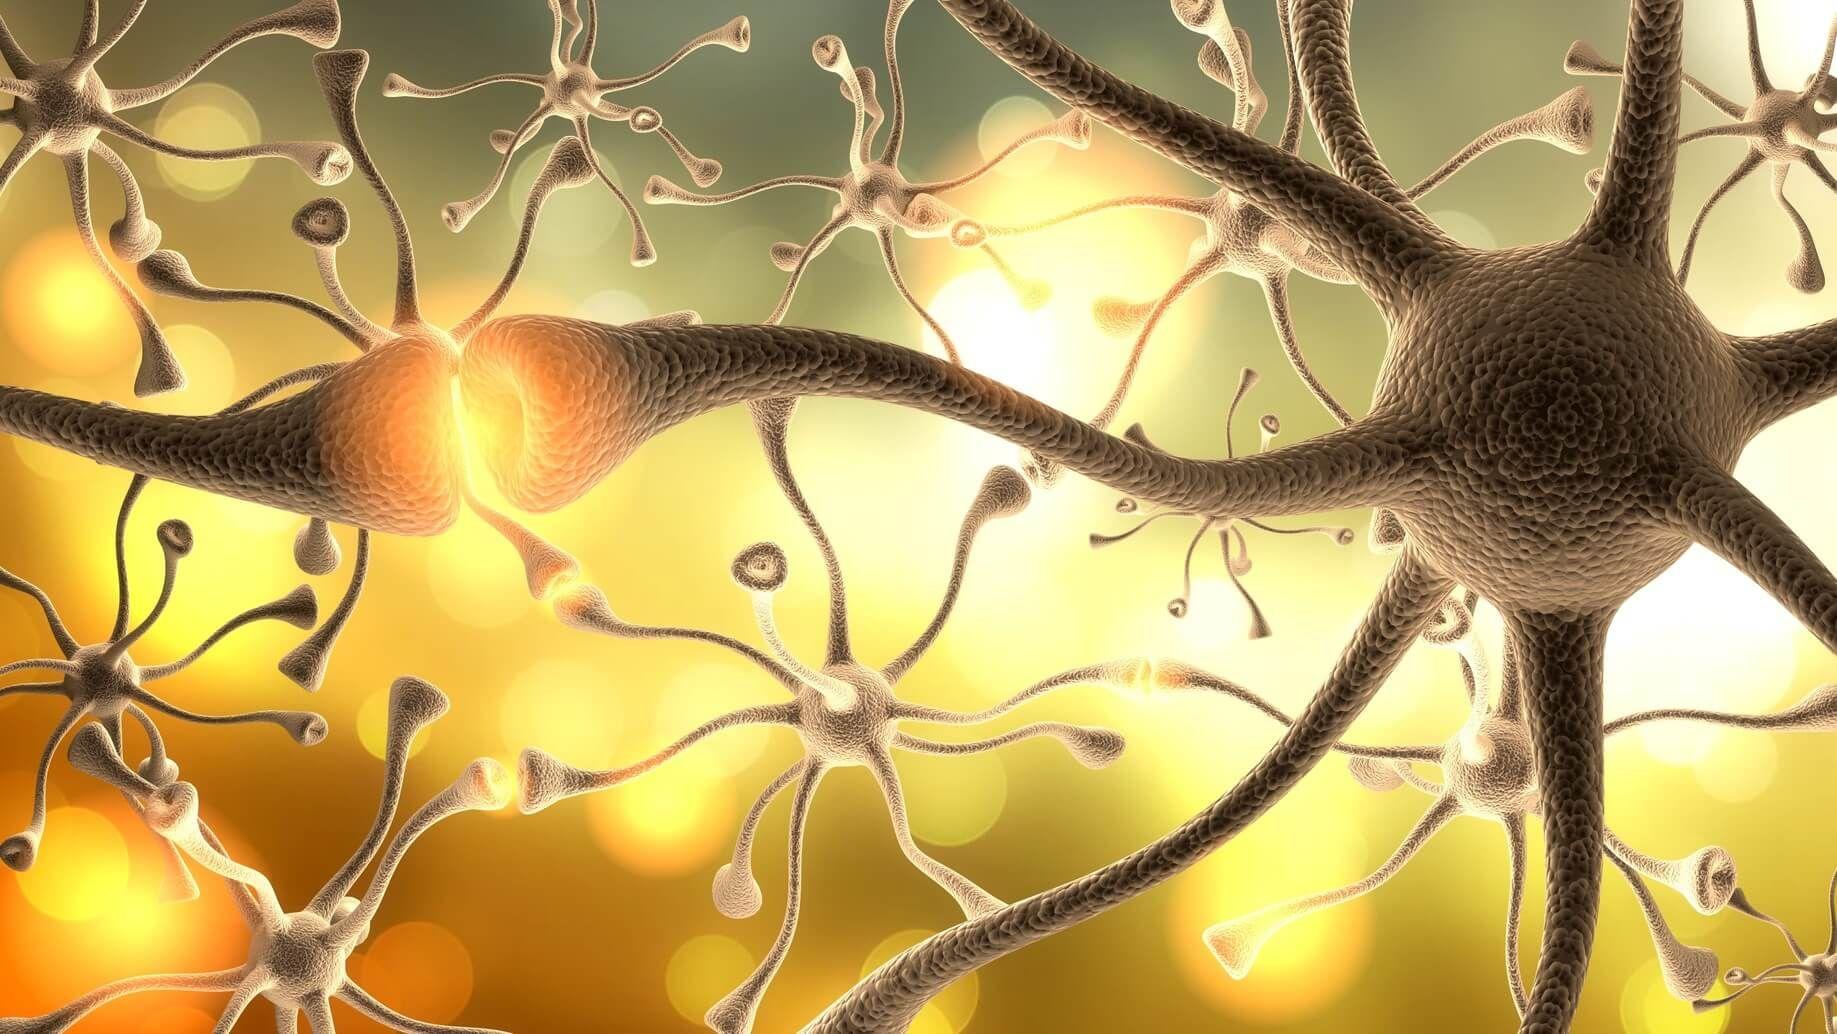 Nutzen wir wirklich nur 10% unseres Gehirns?